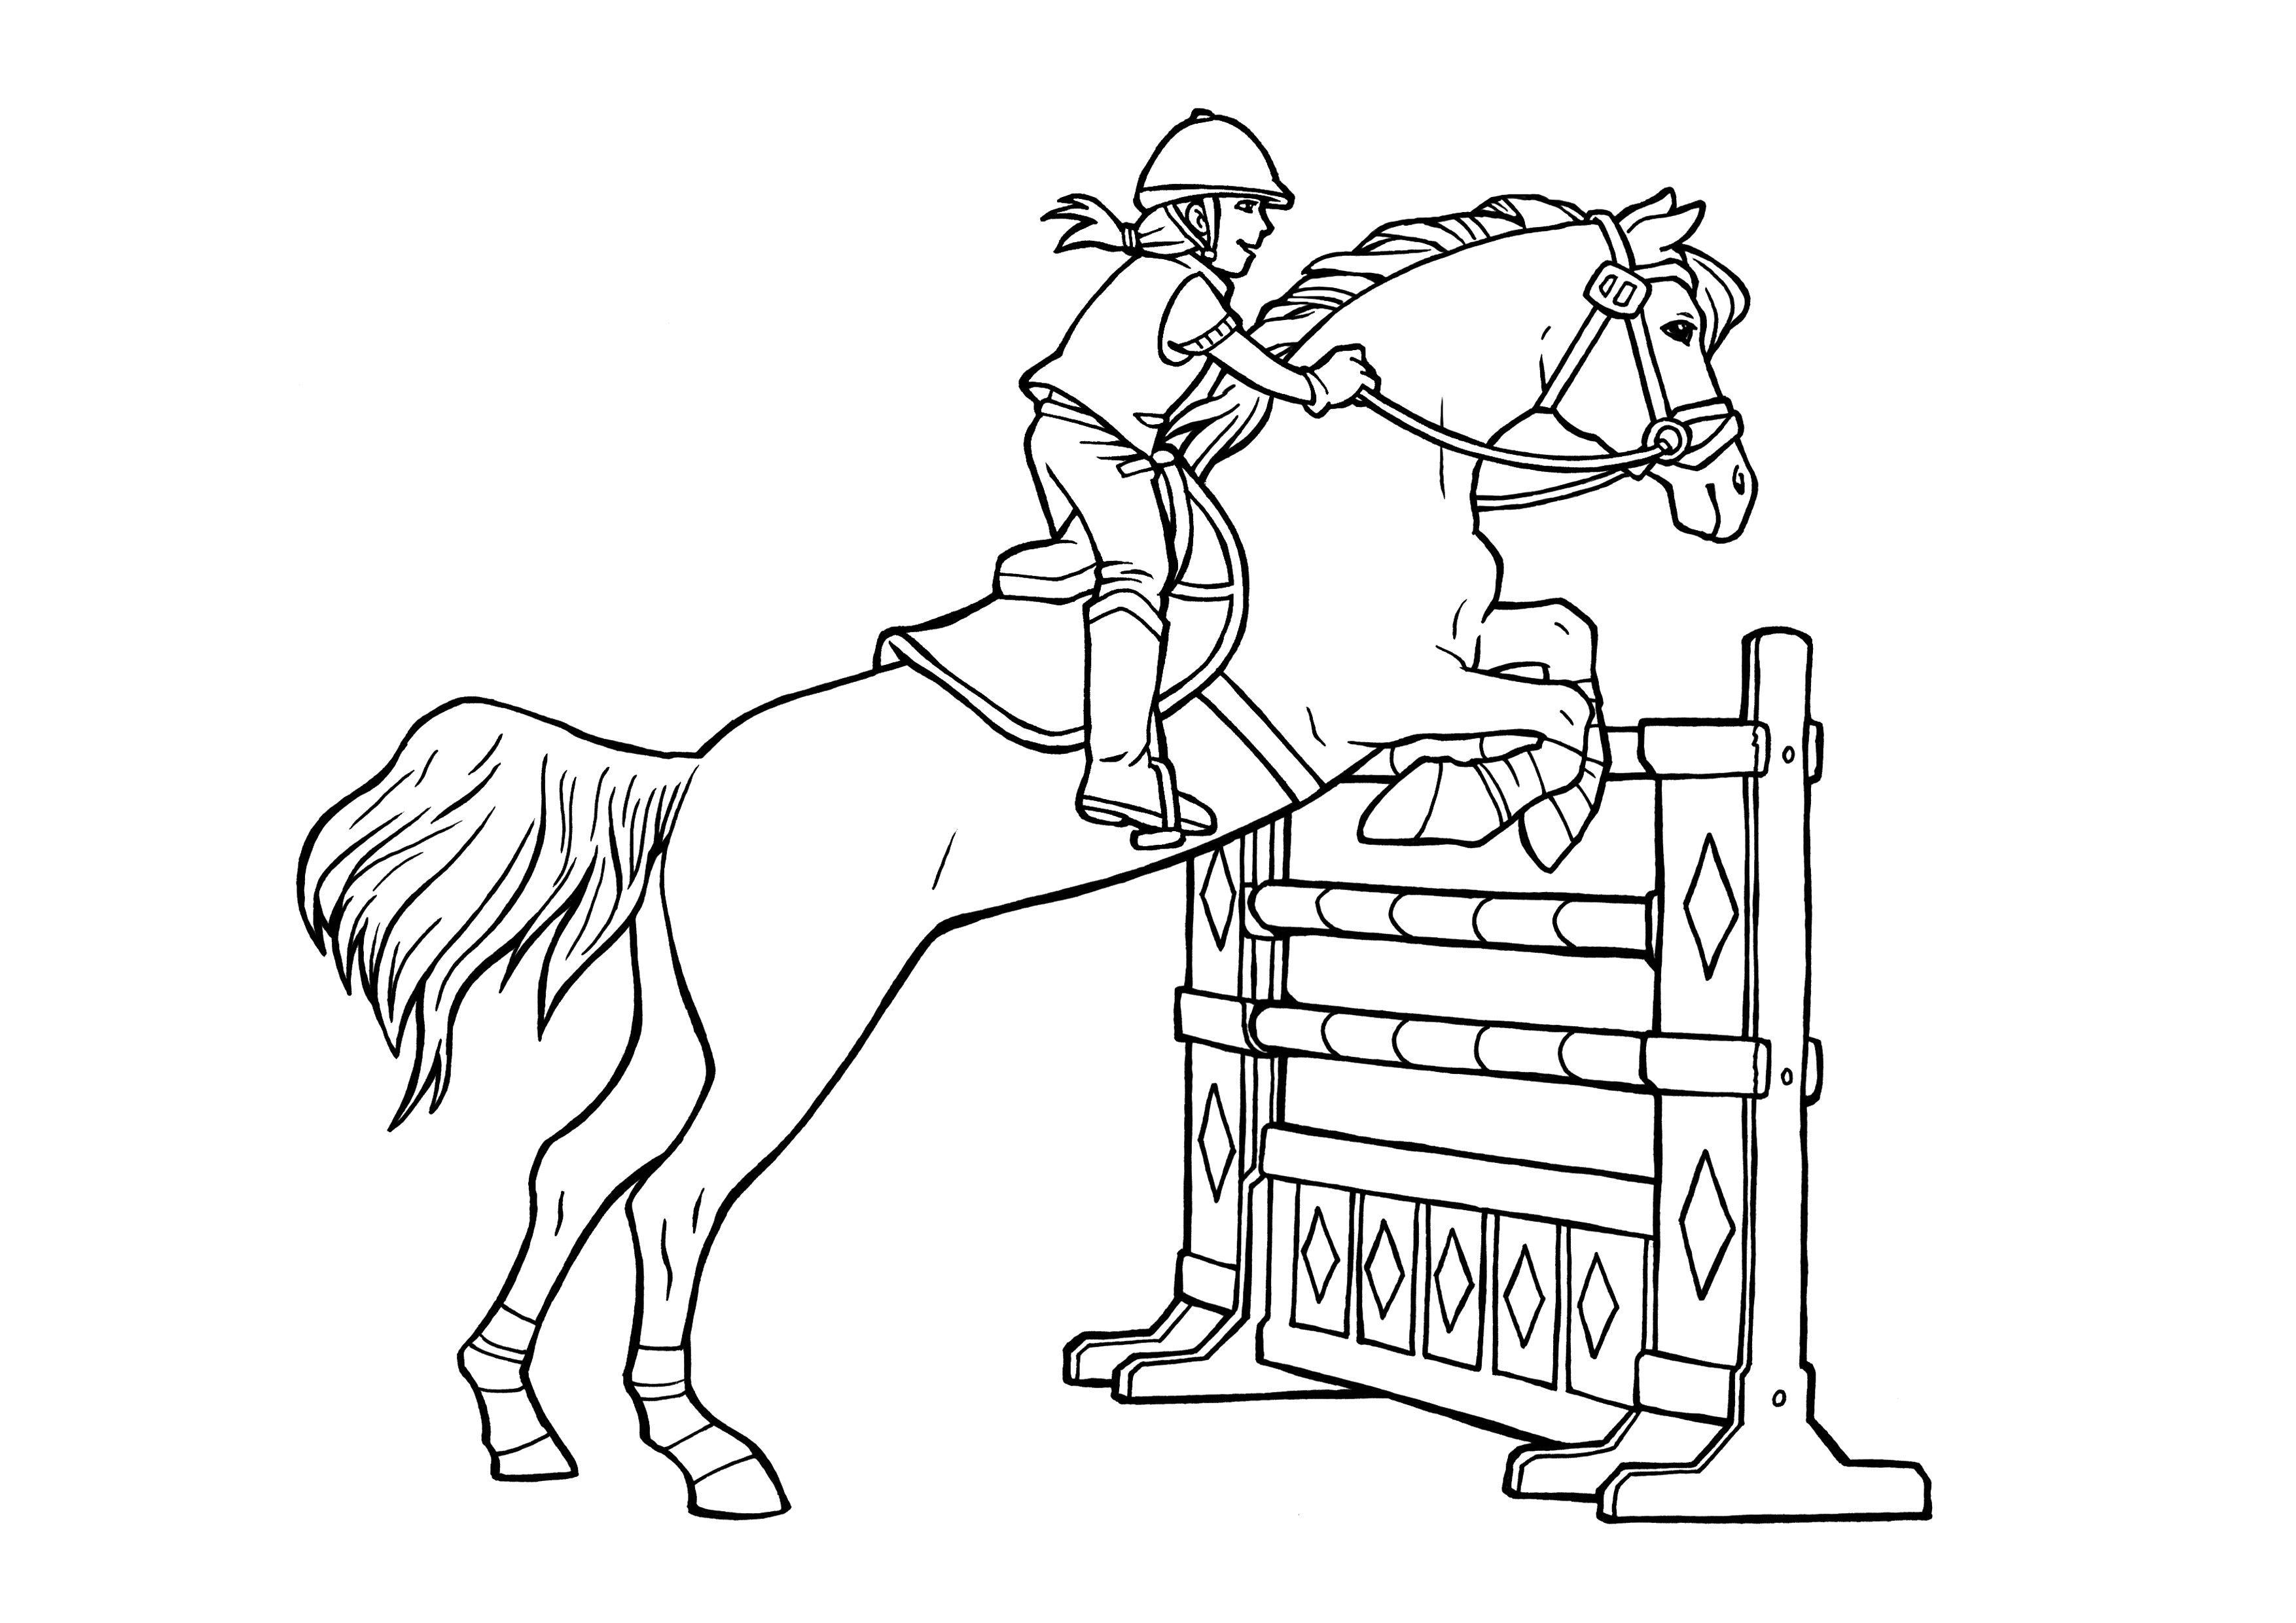 19 Der Besten Ideen Für Pferde Ausmalbilder - Beste Wohnkultur